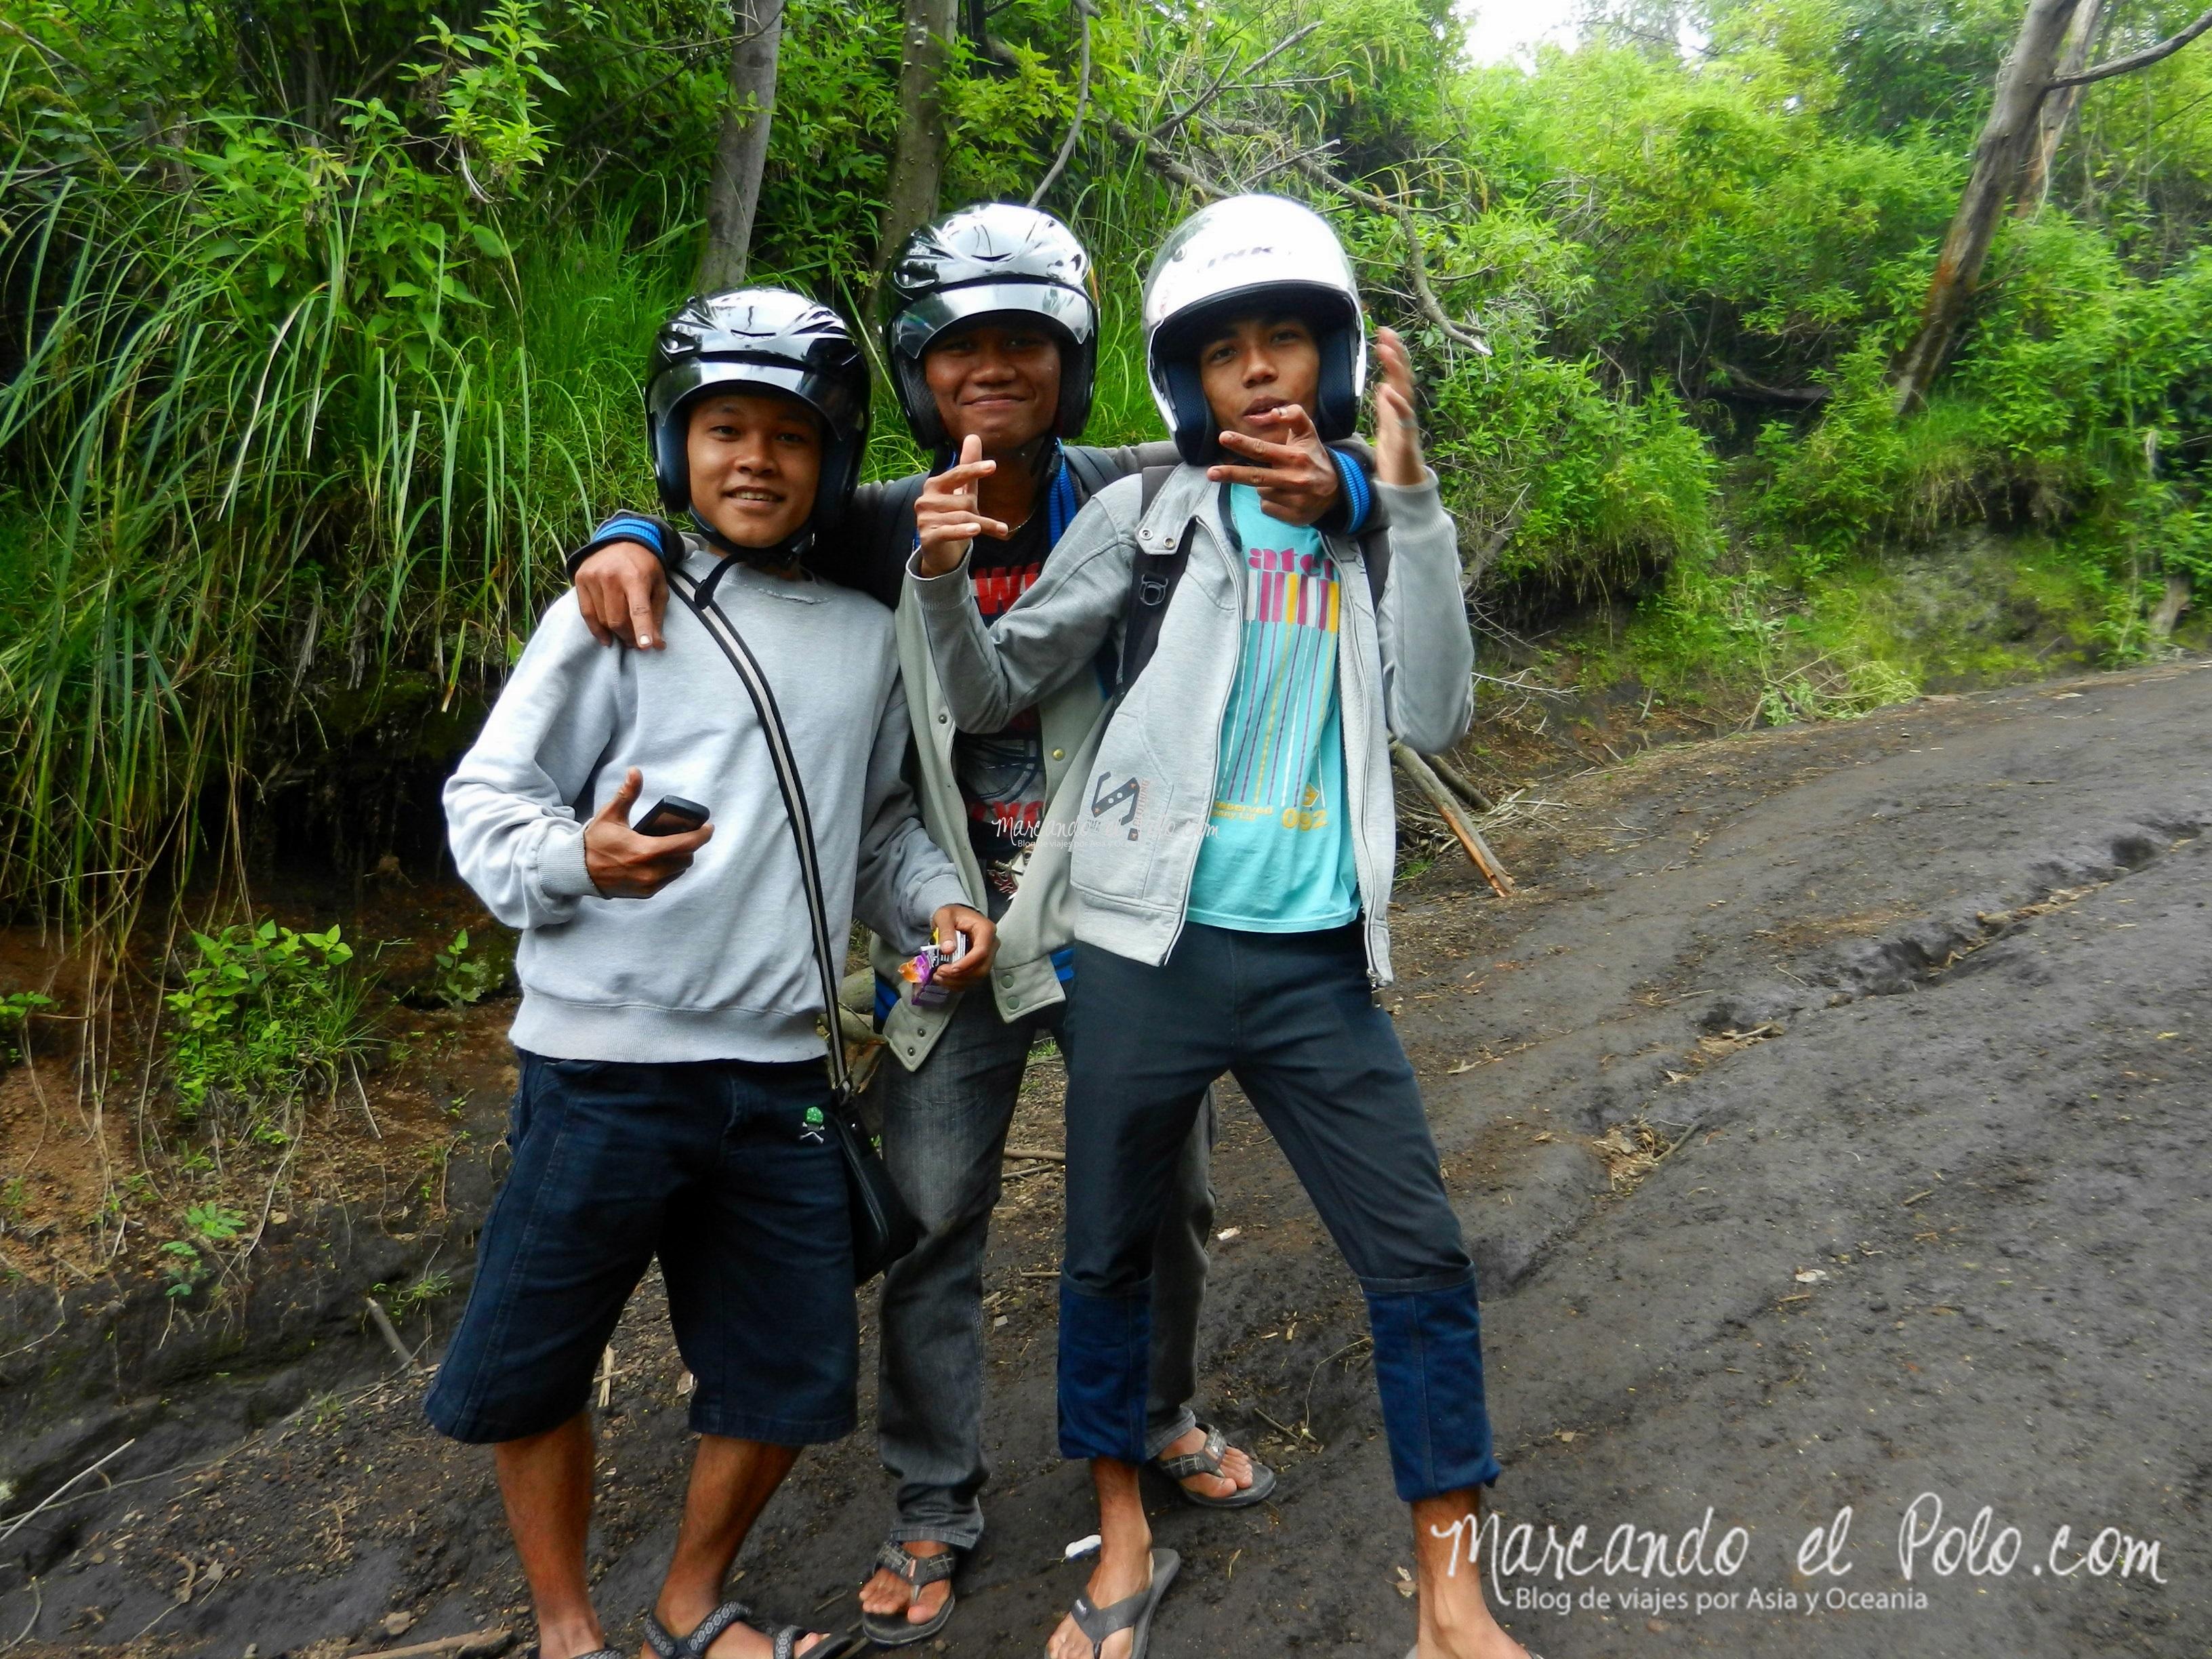 Los indonesios llevan el casco puesto a todos lados, incluso al volcán...